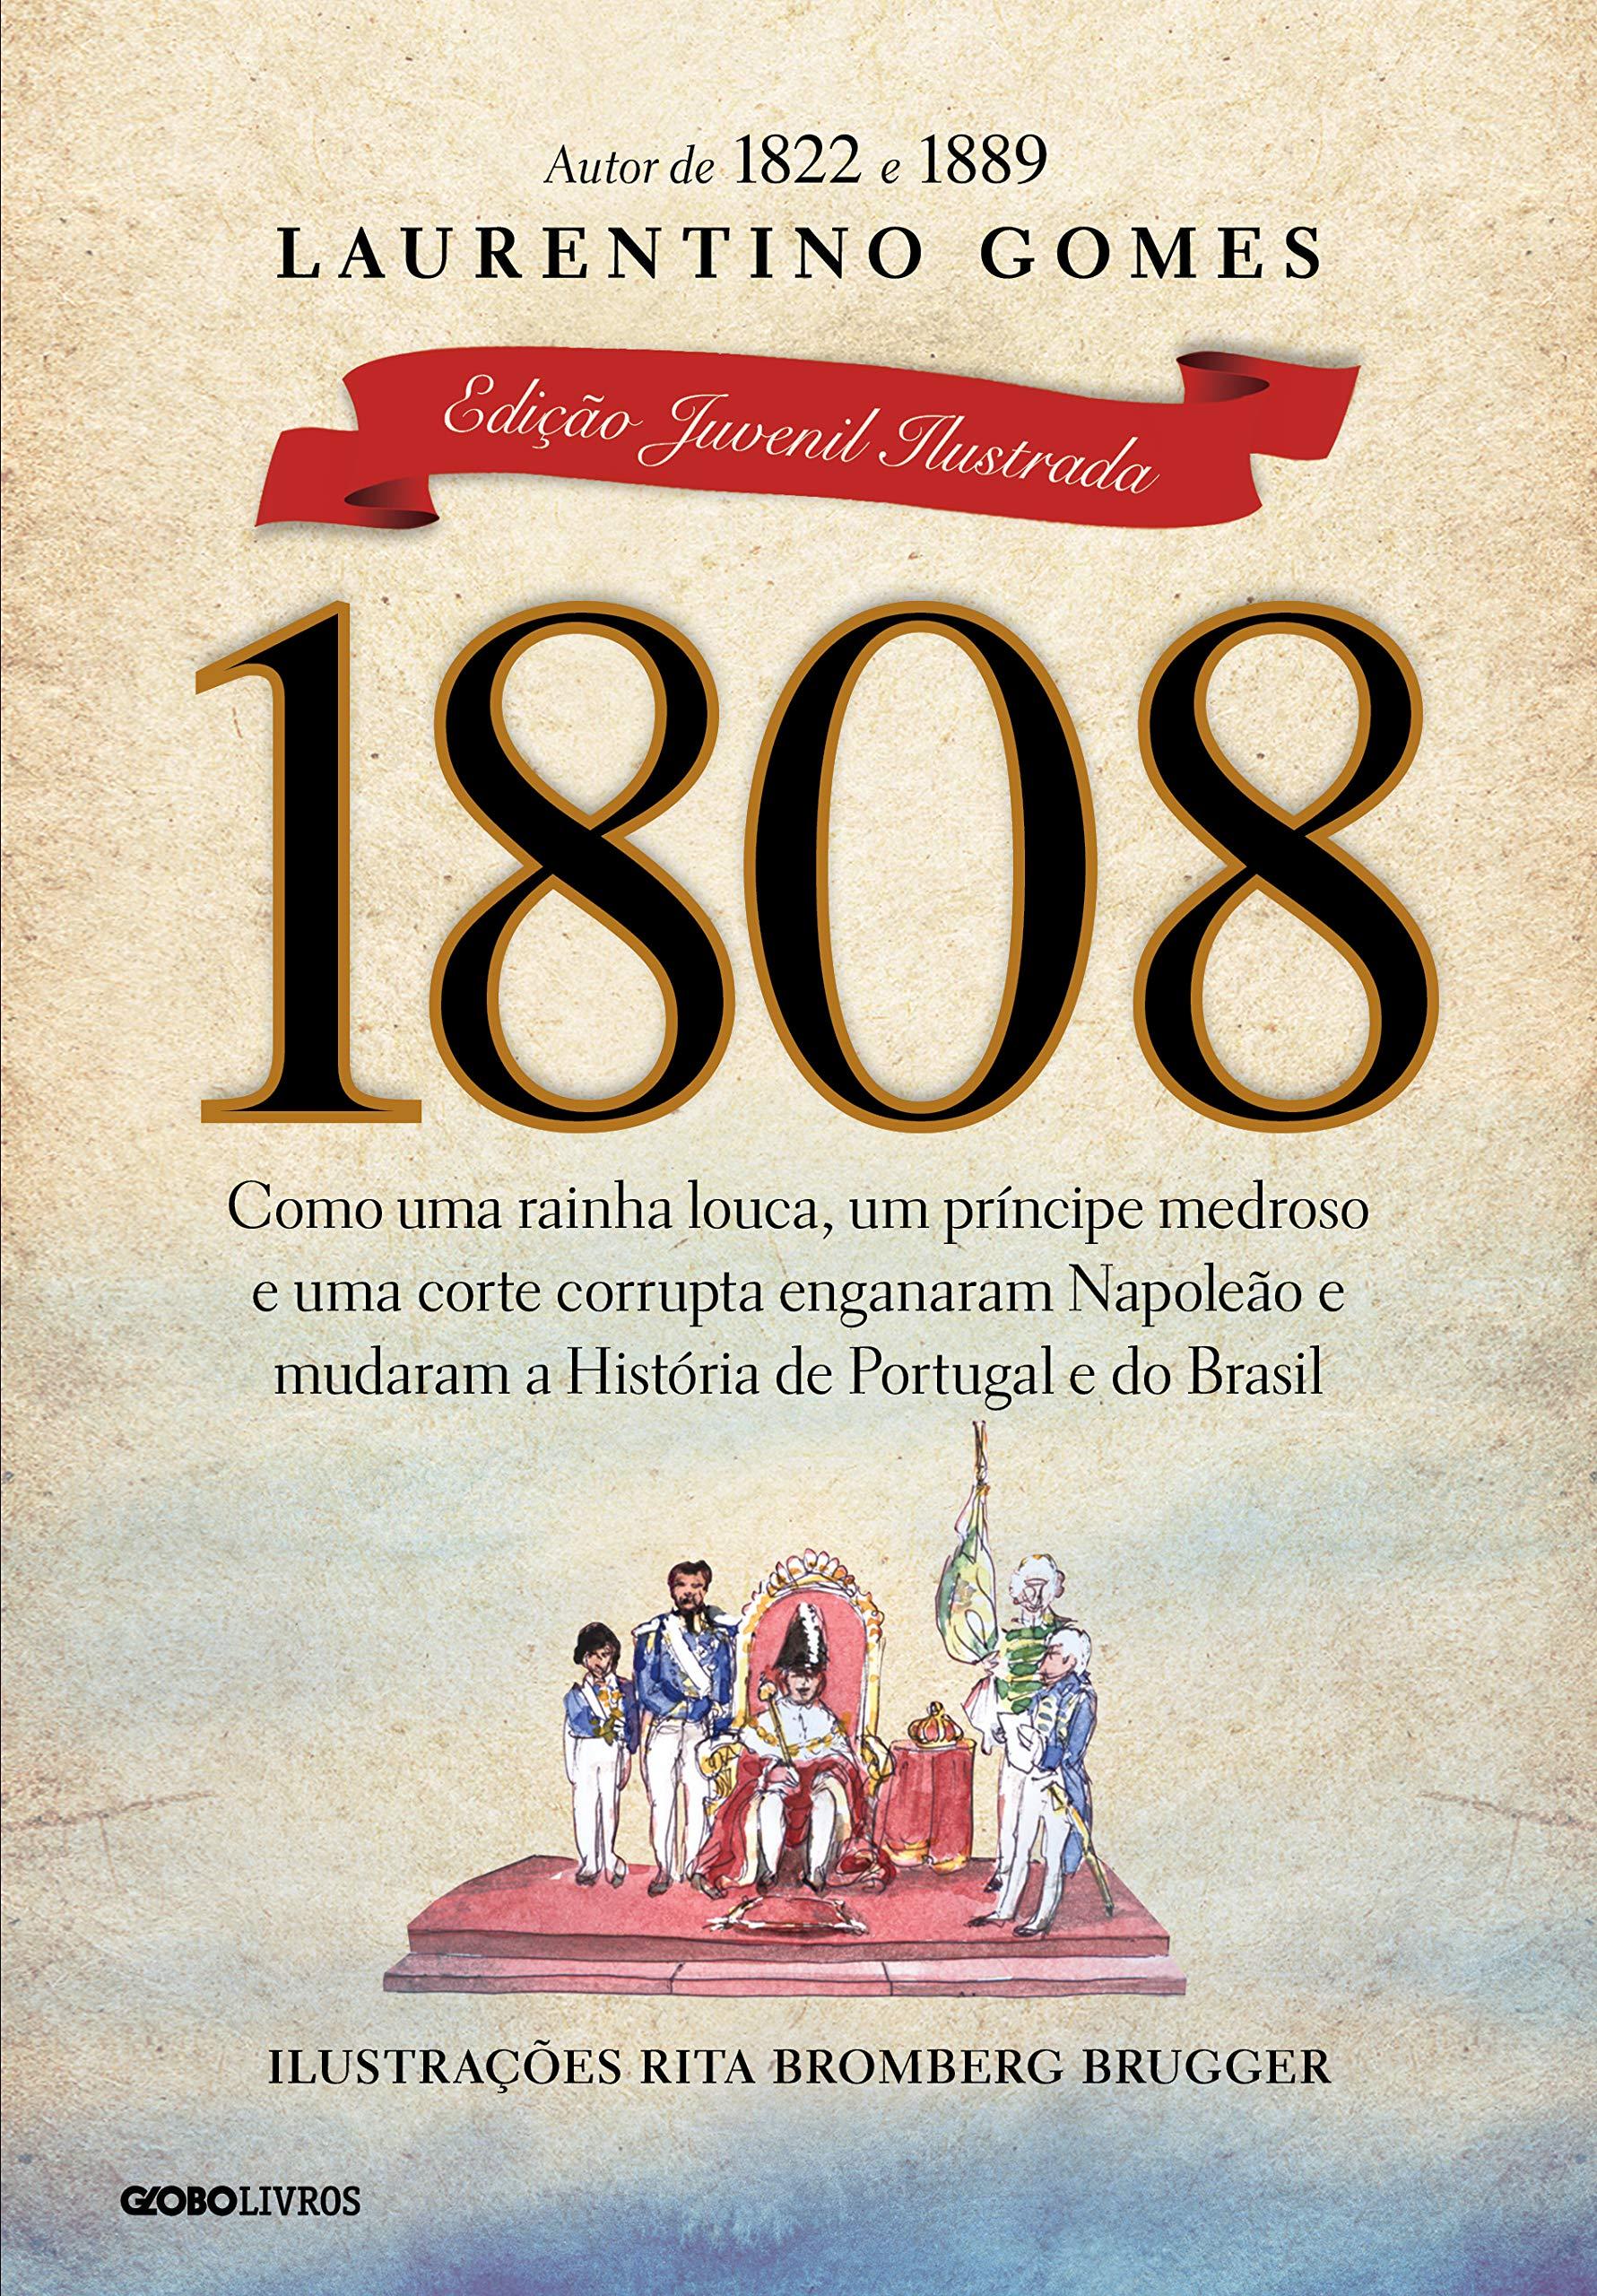 Amazon.com: 1808 (Em Portuguese do Brasil) (9788525060914 ...